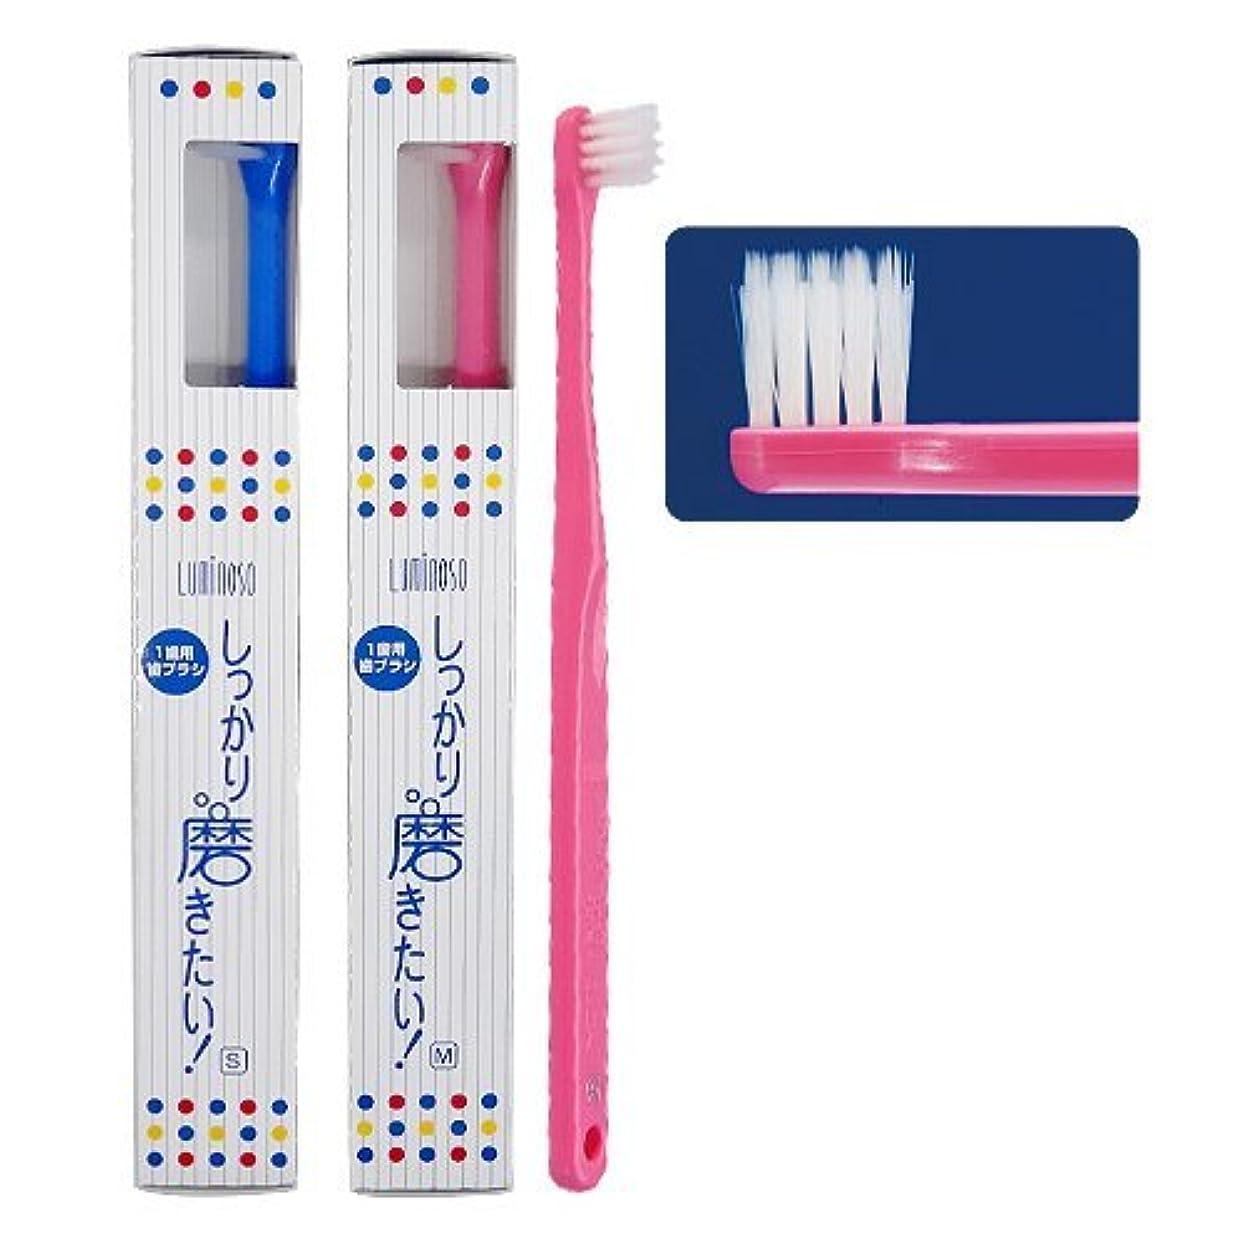 使い込む降臨しなやかルミノソ 1歯用歯ブラシ「しっかり磨きたい!」スタンダード ソフト (カラー指定不可) 10本